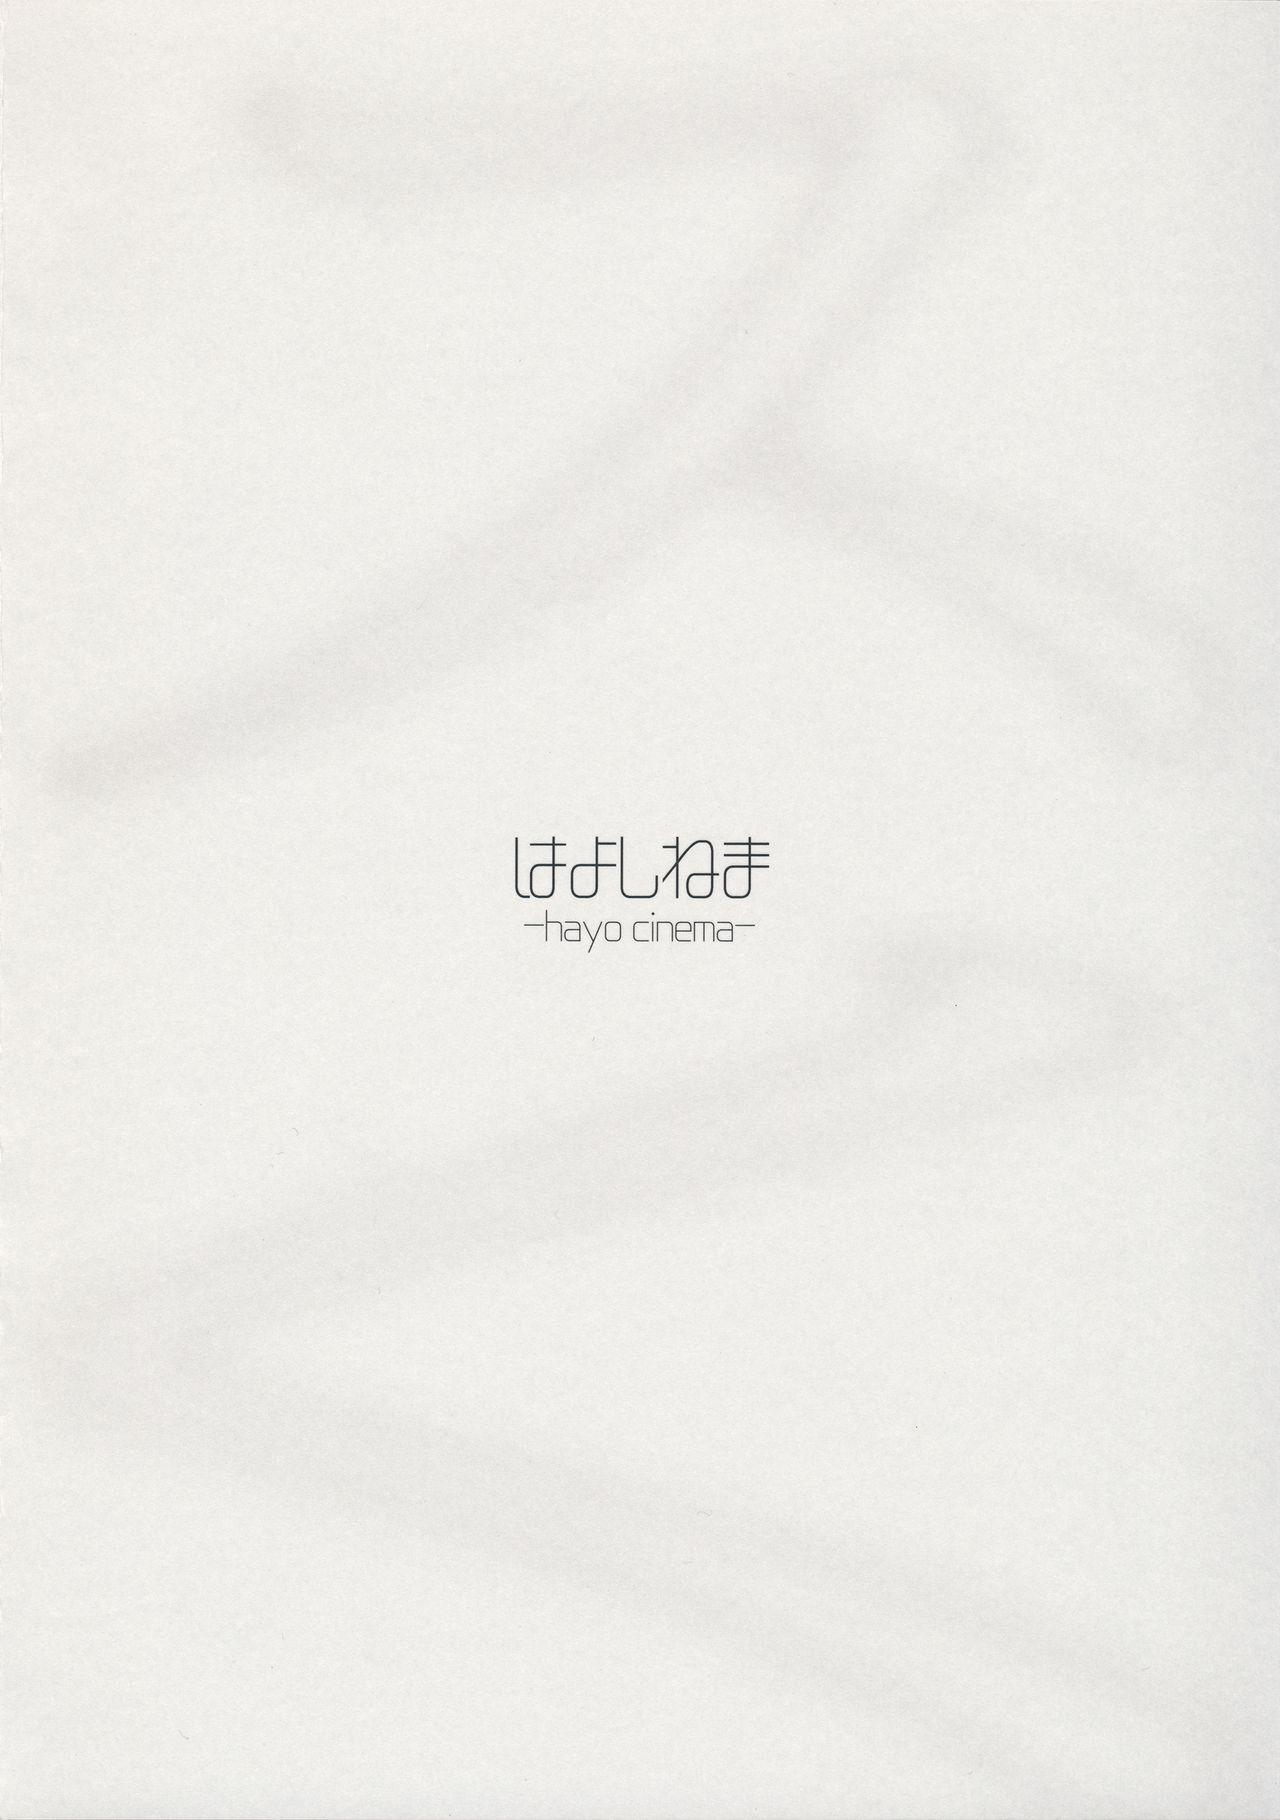 1000 Yen Cut no Onee-san ni Suite Morau Hon. Plus 13